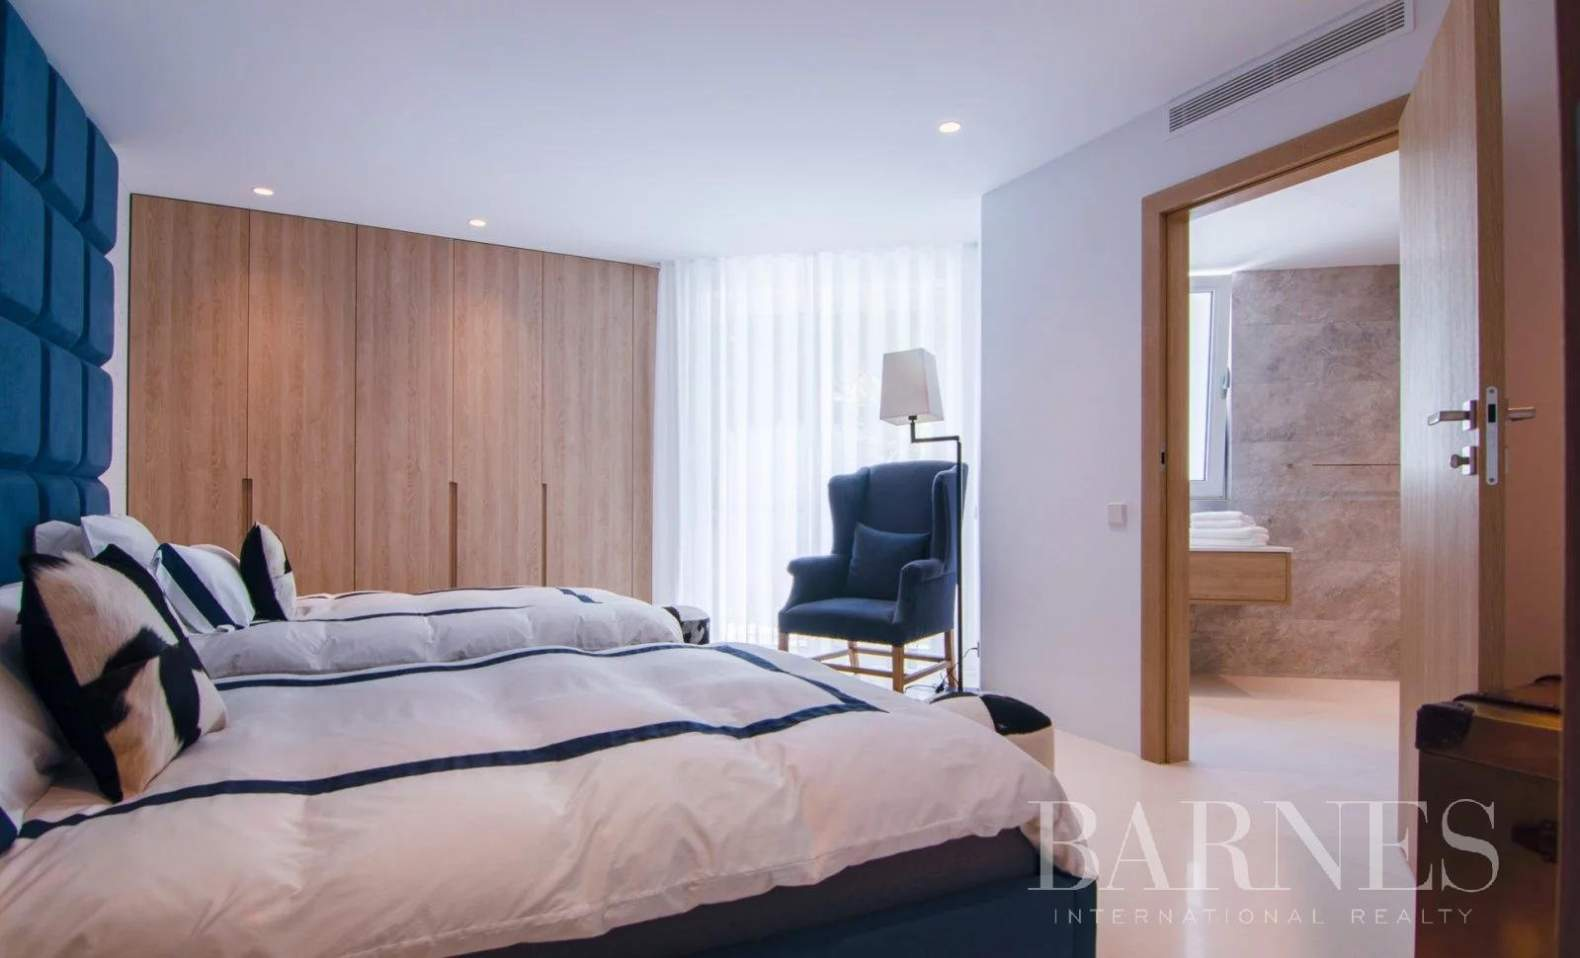 Marbella  - Villa  6 Chambres - picture 6